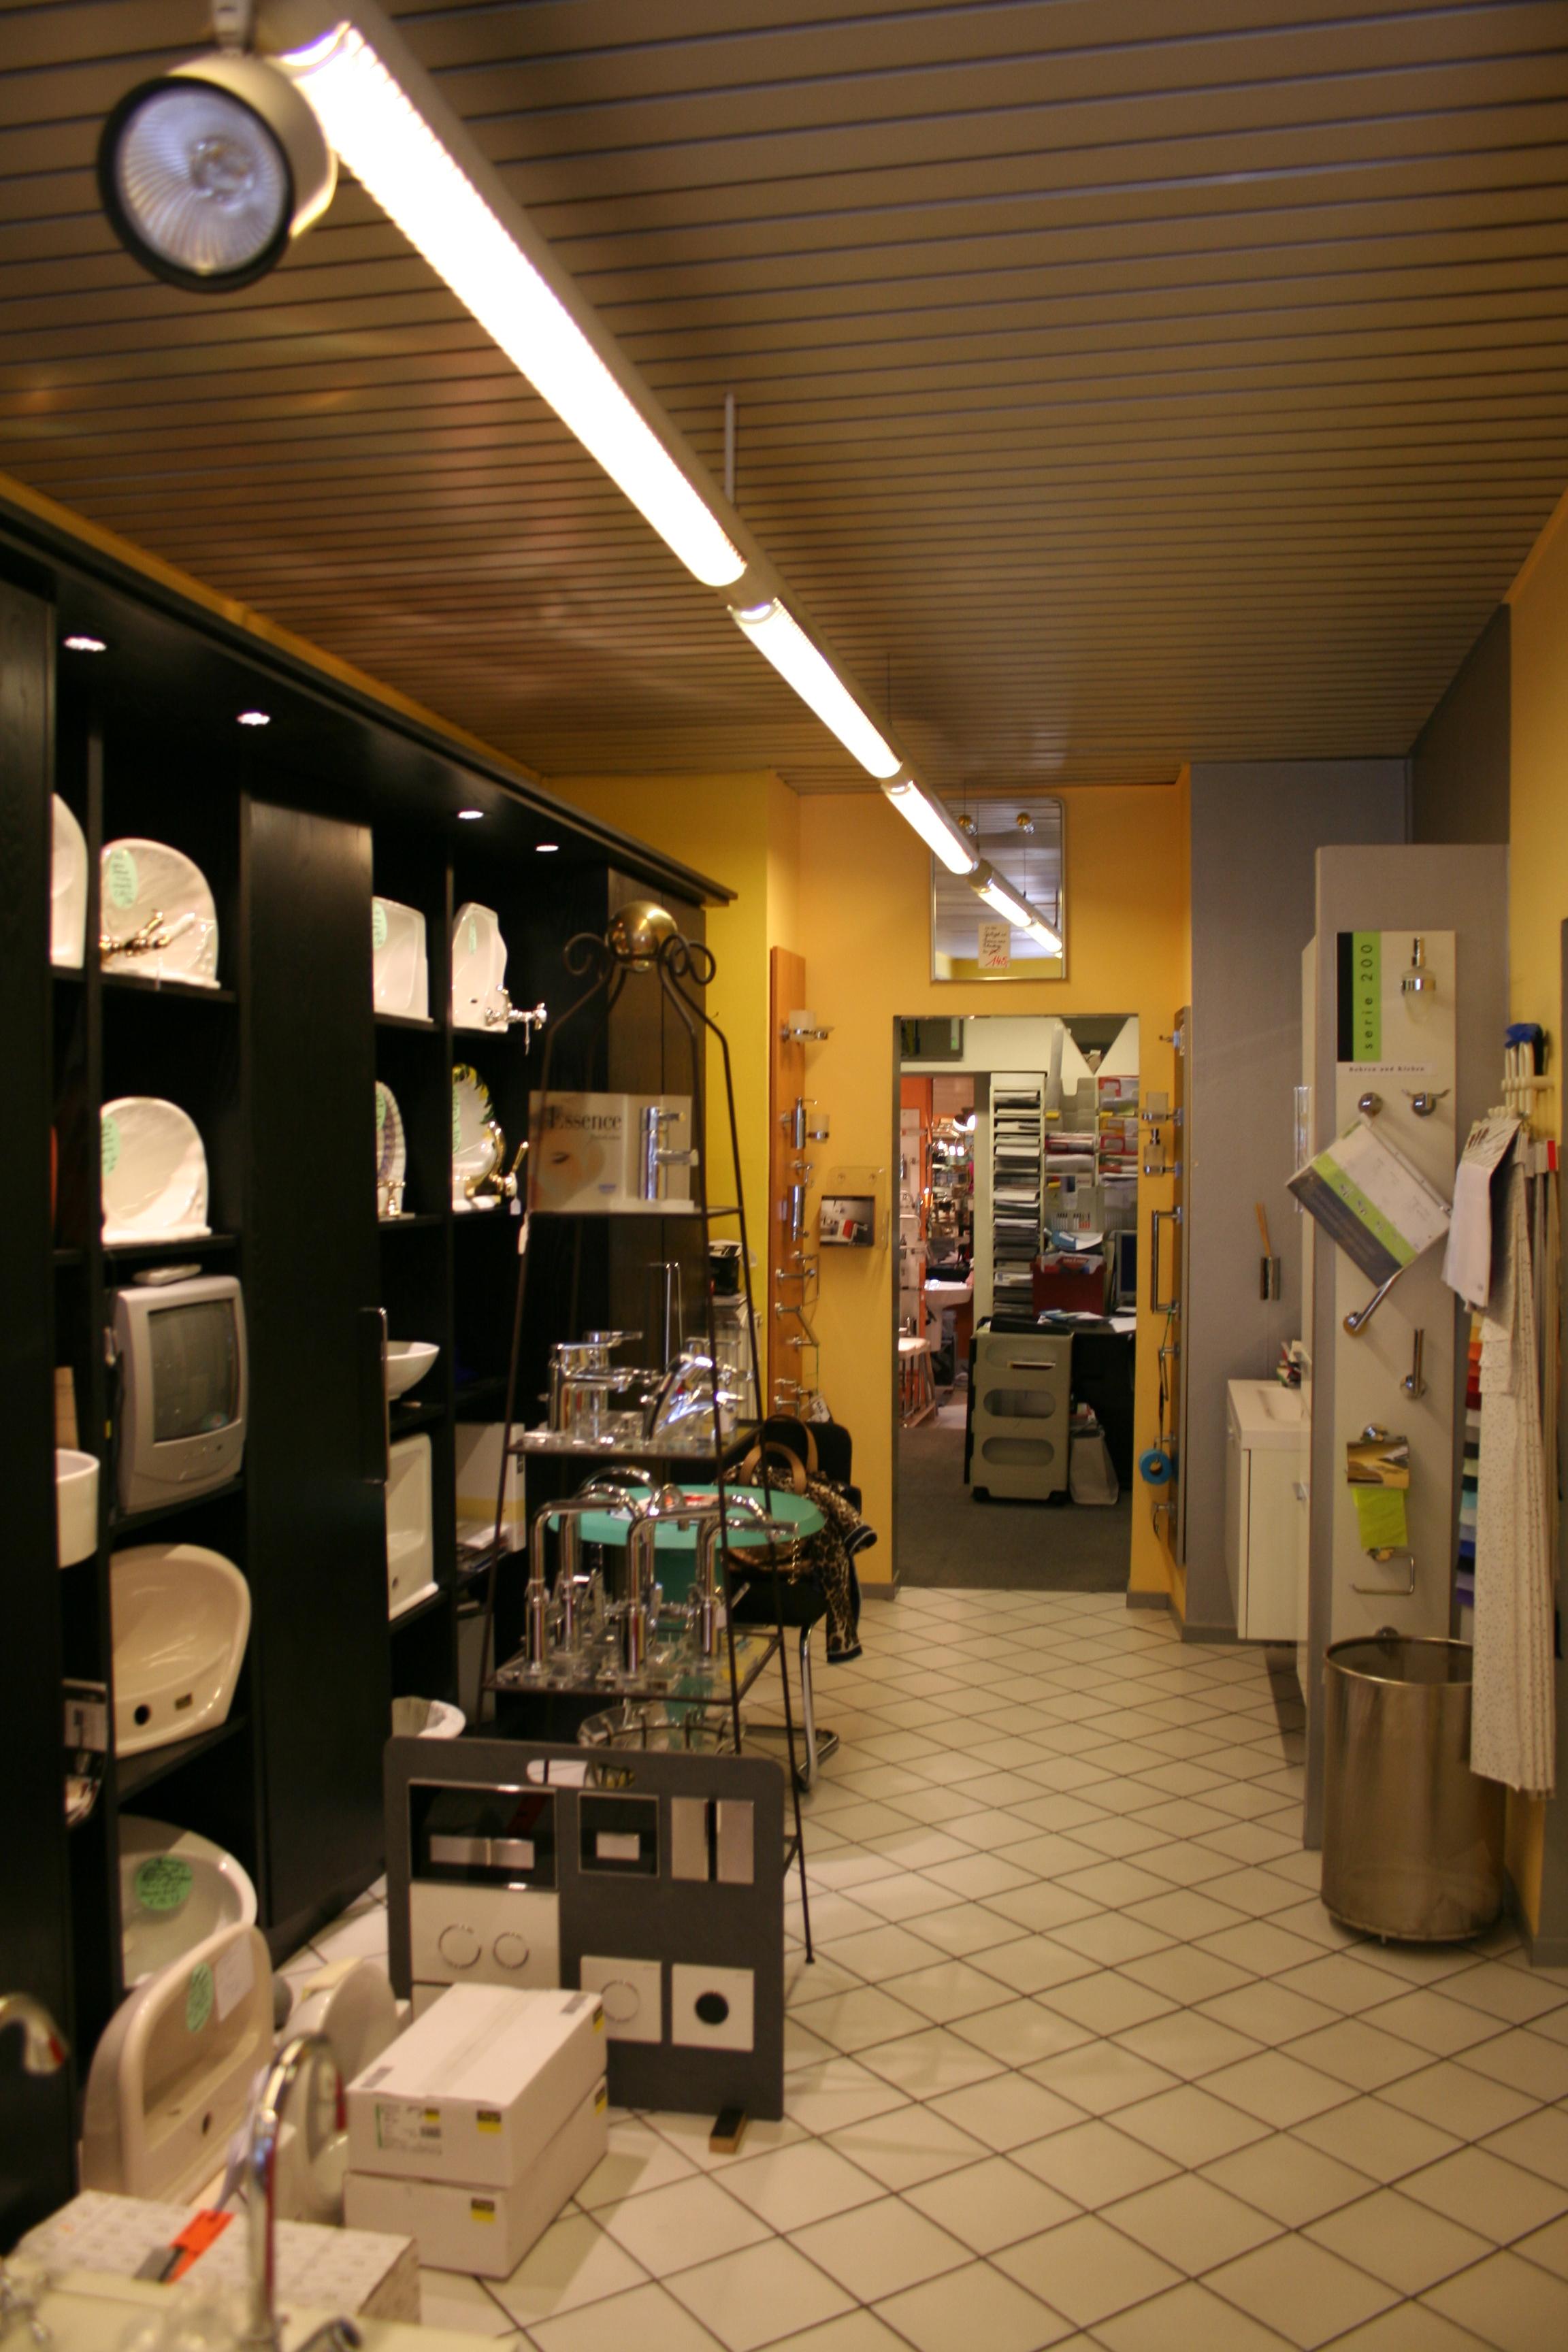 Badausstellung Wuppertal jubiläumsverkauf unserer badausstellung wegen geschäftsaufgabe